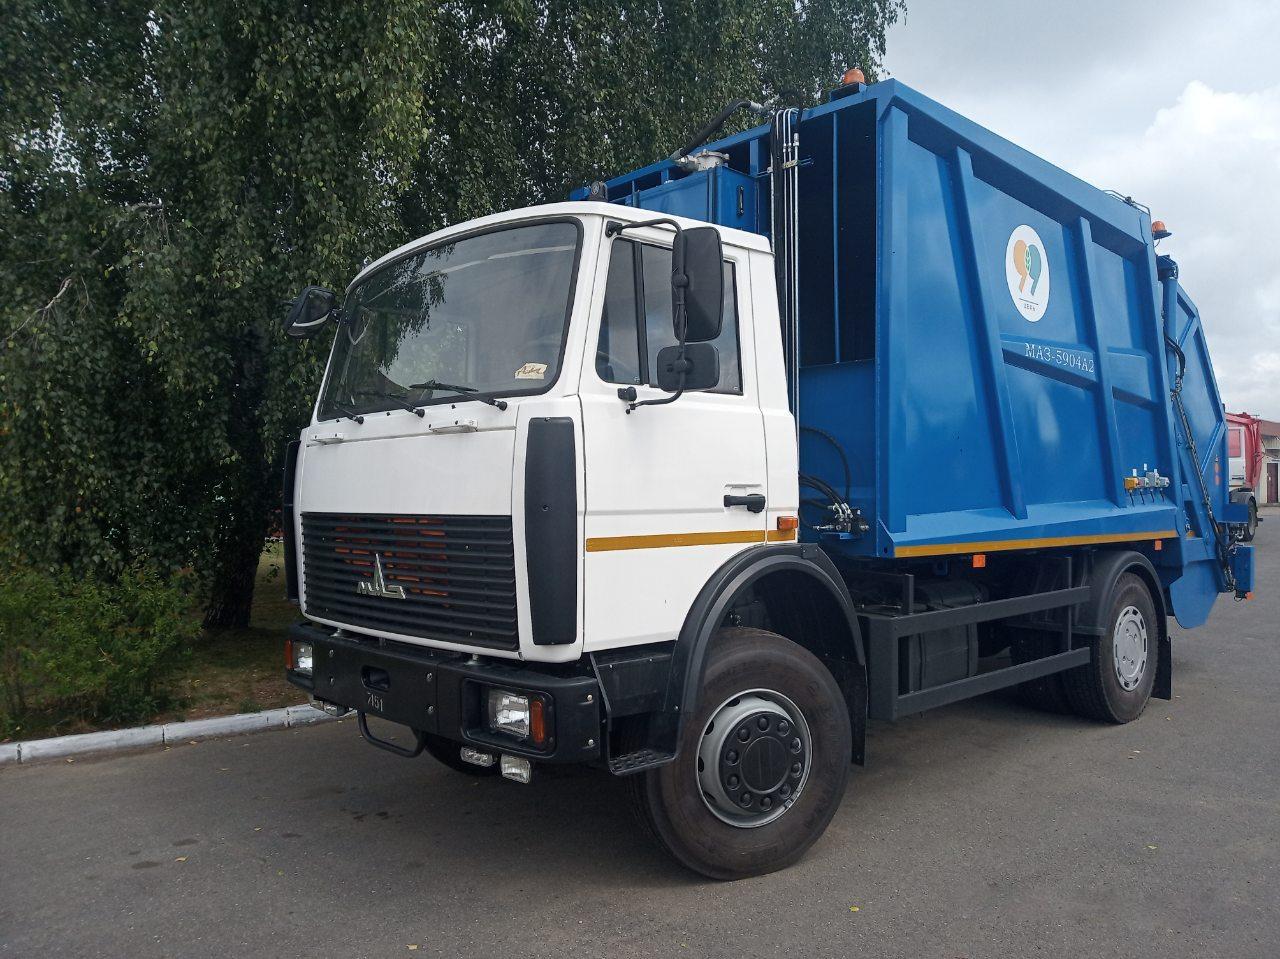 Новый мусоровоз. Фото: https://vk.com/bargorjkh